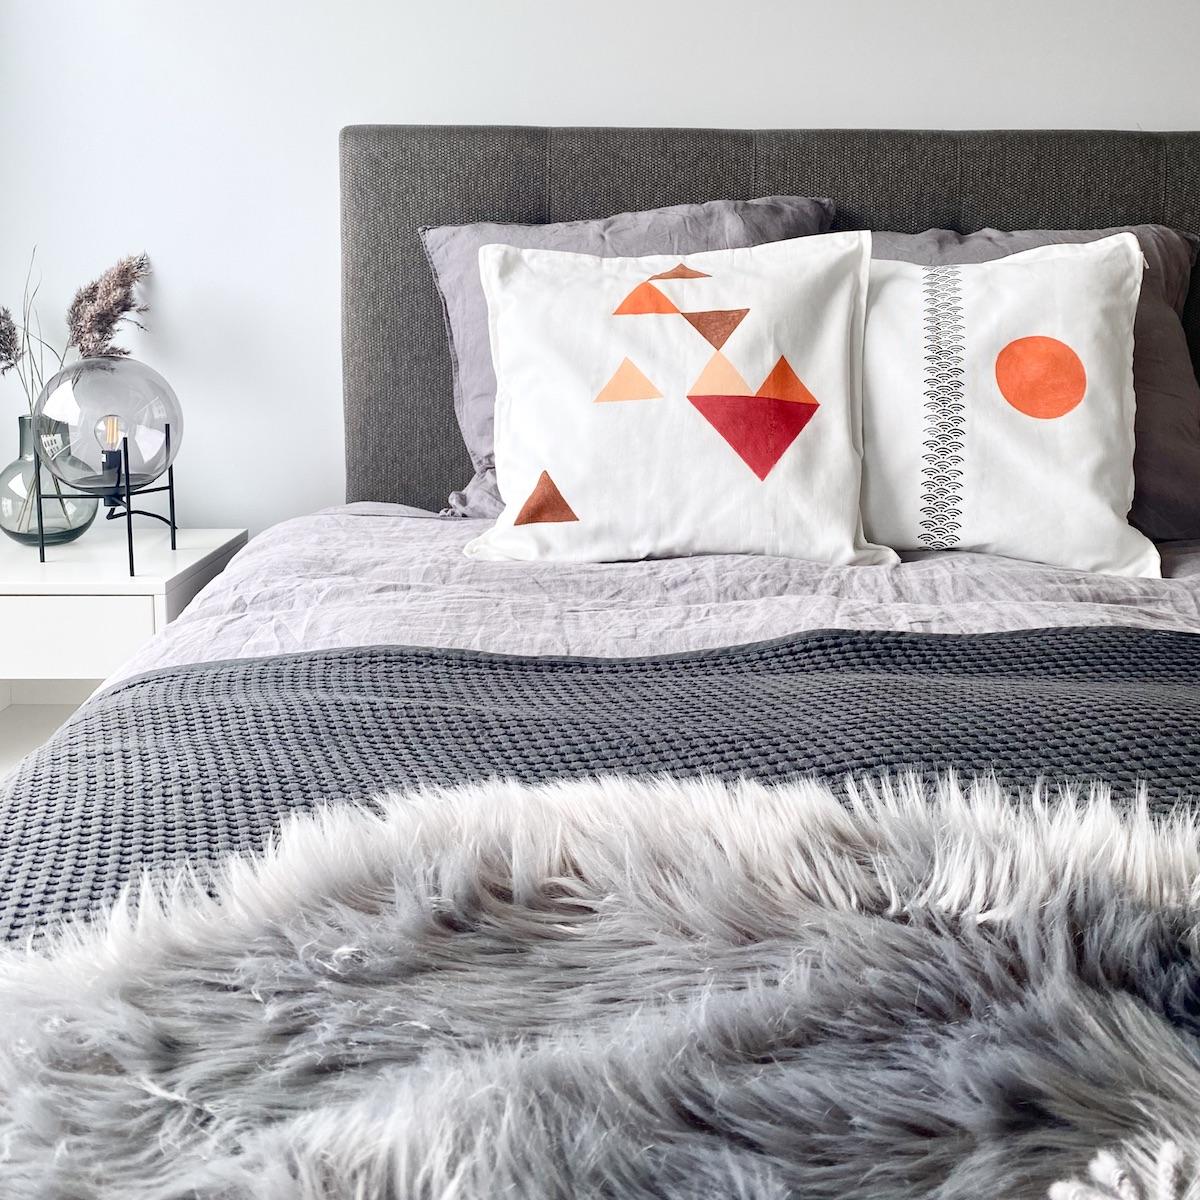 chambre grise scandinave idée déco nuance de gris fausse fourrure